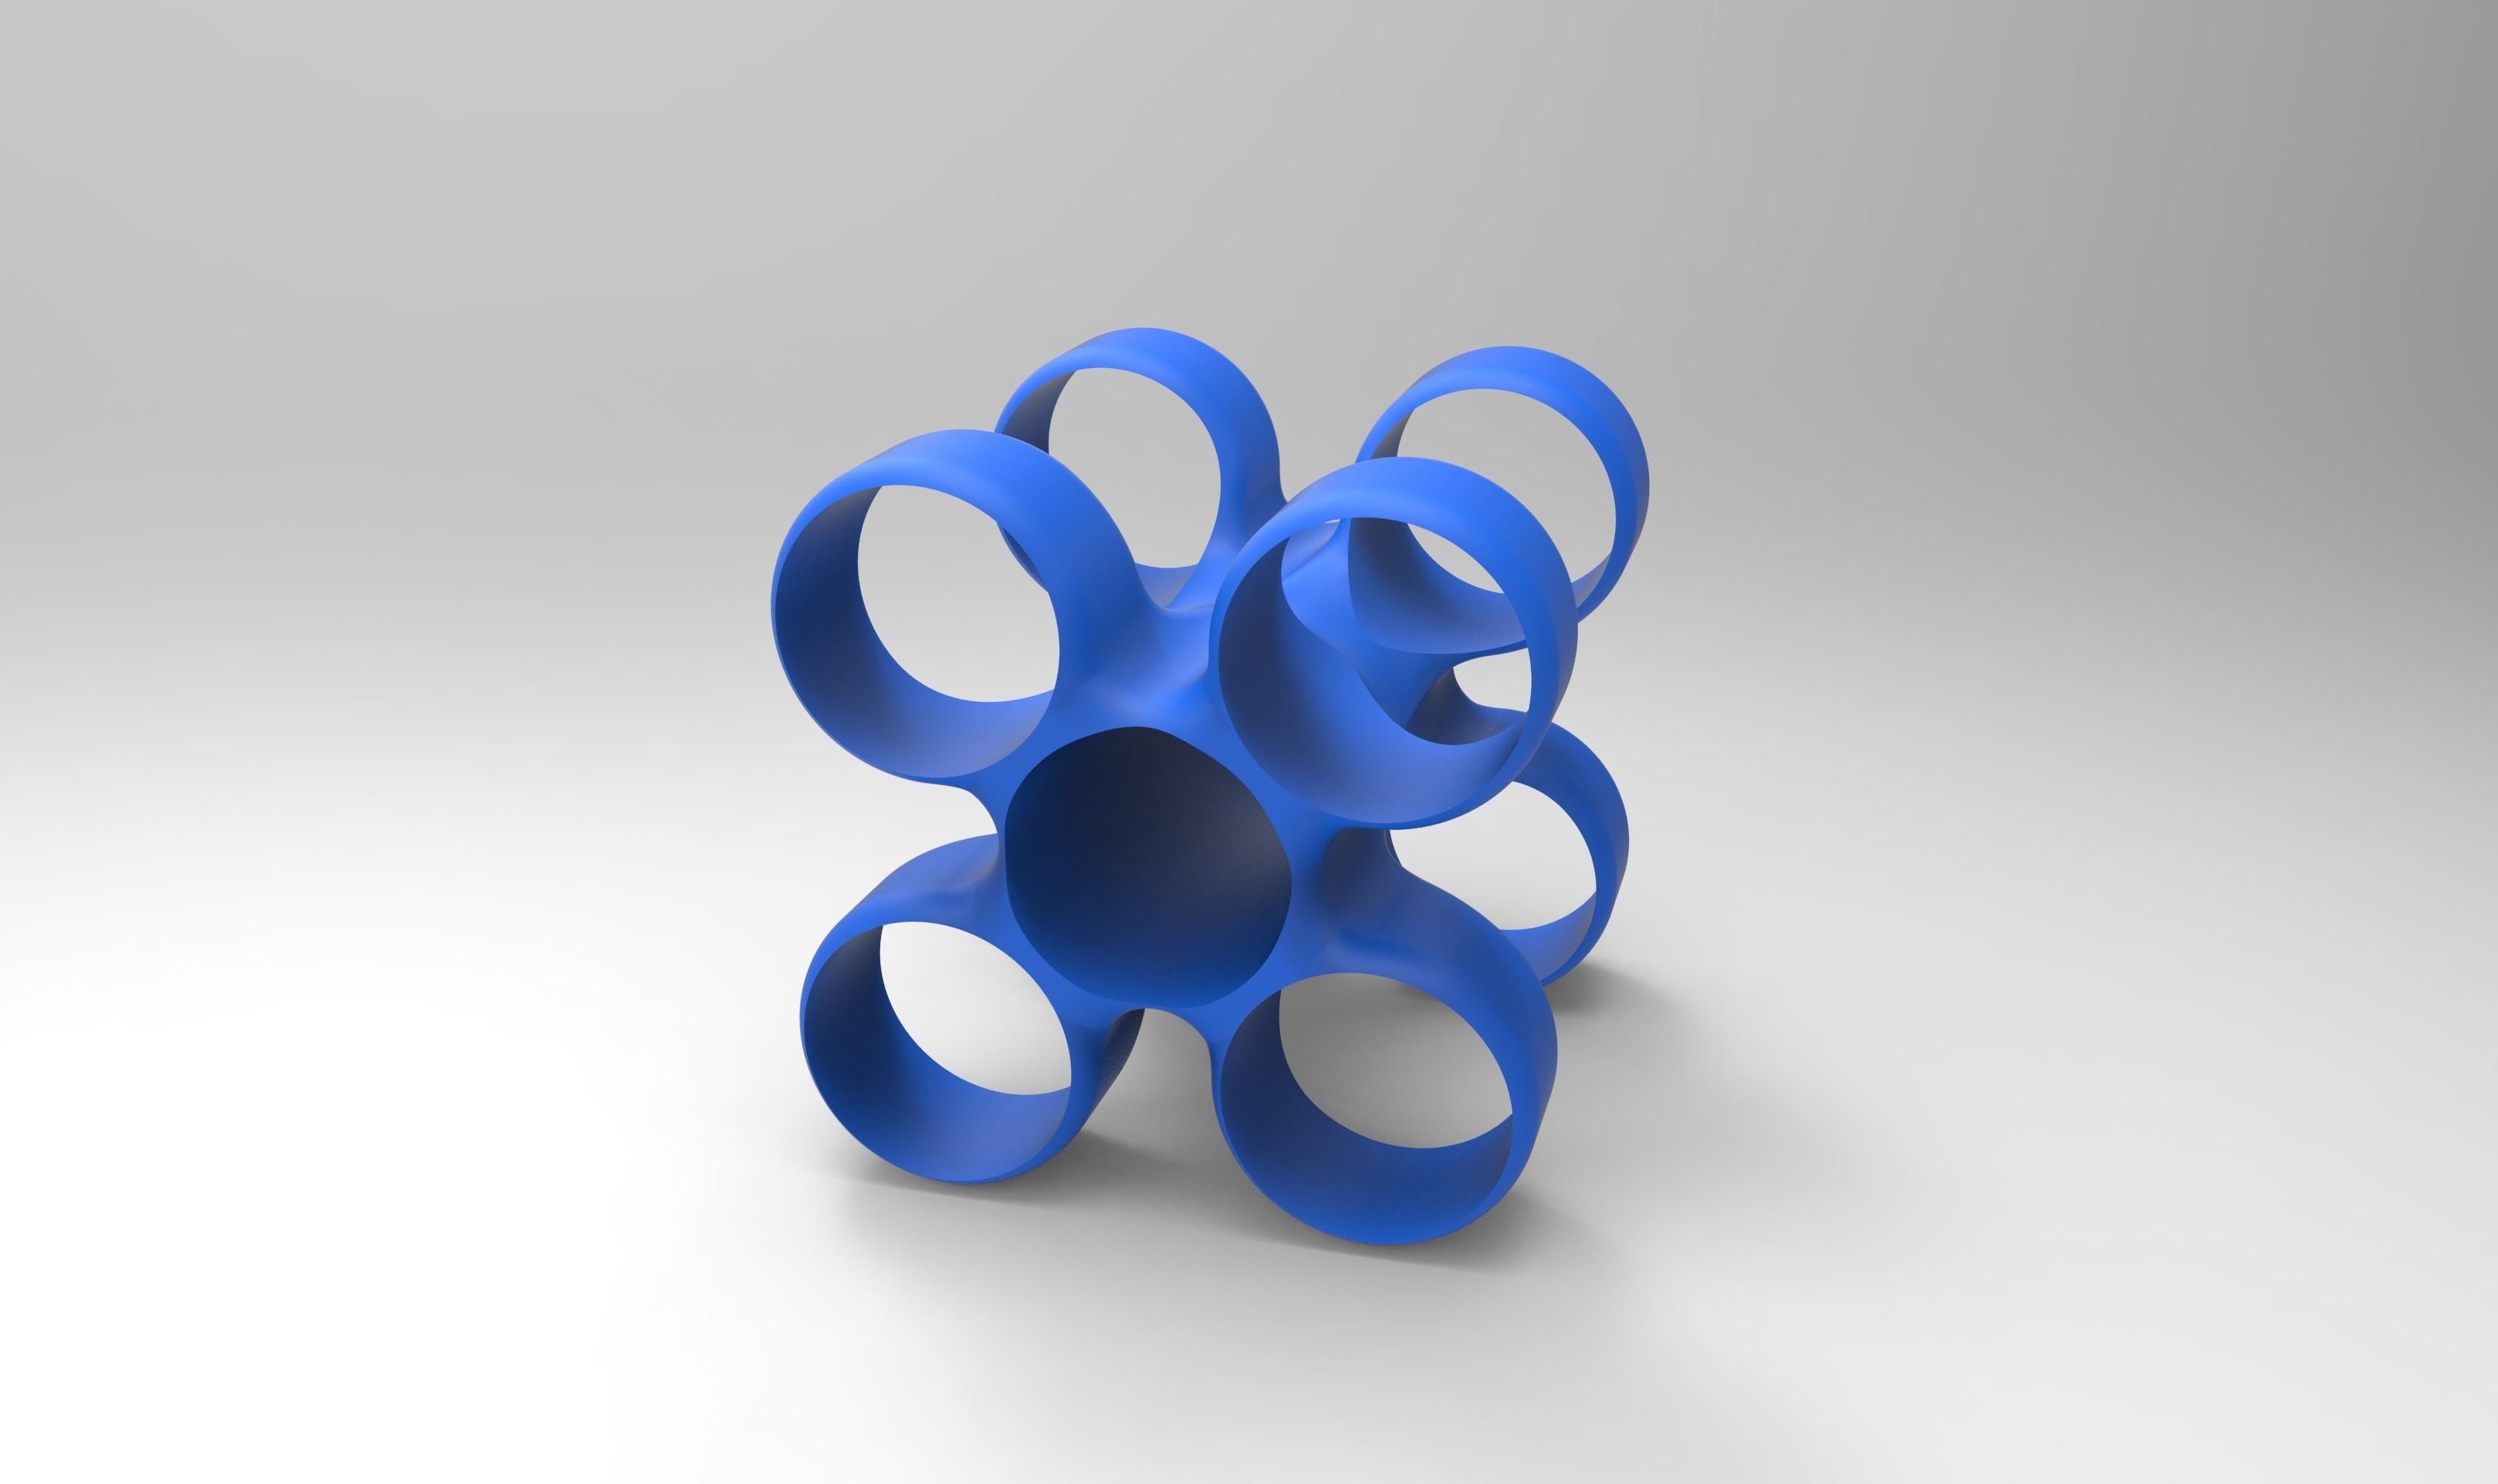 rendu vin bleu.jpg Download free STL file Storage unit for wine bottles • 3D printable design, GuilhemPerroud